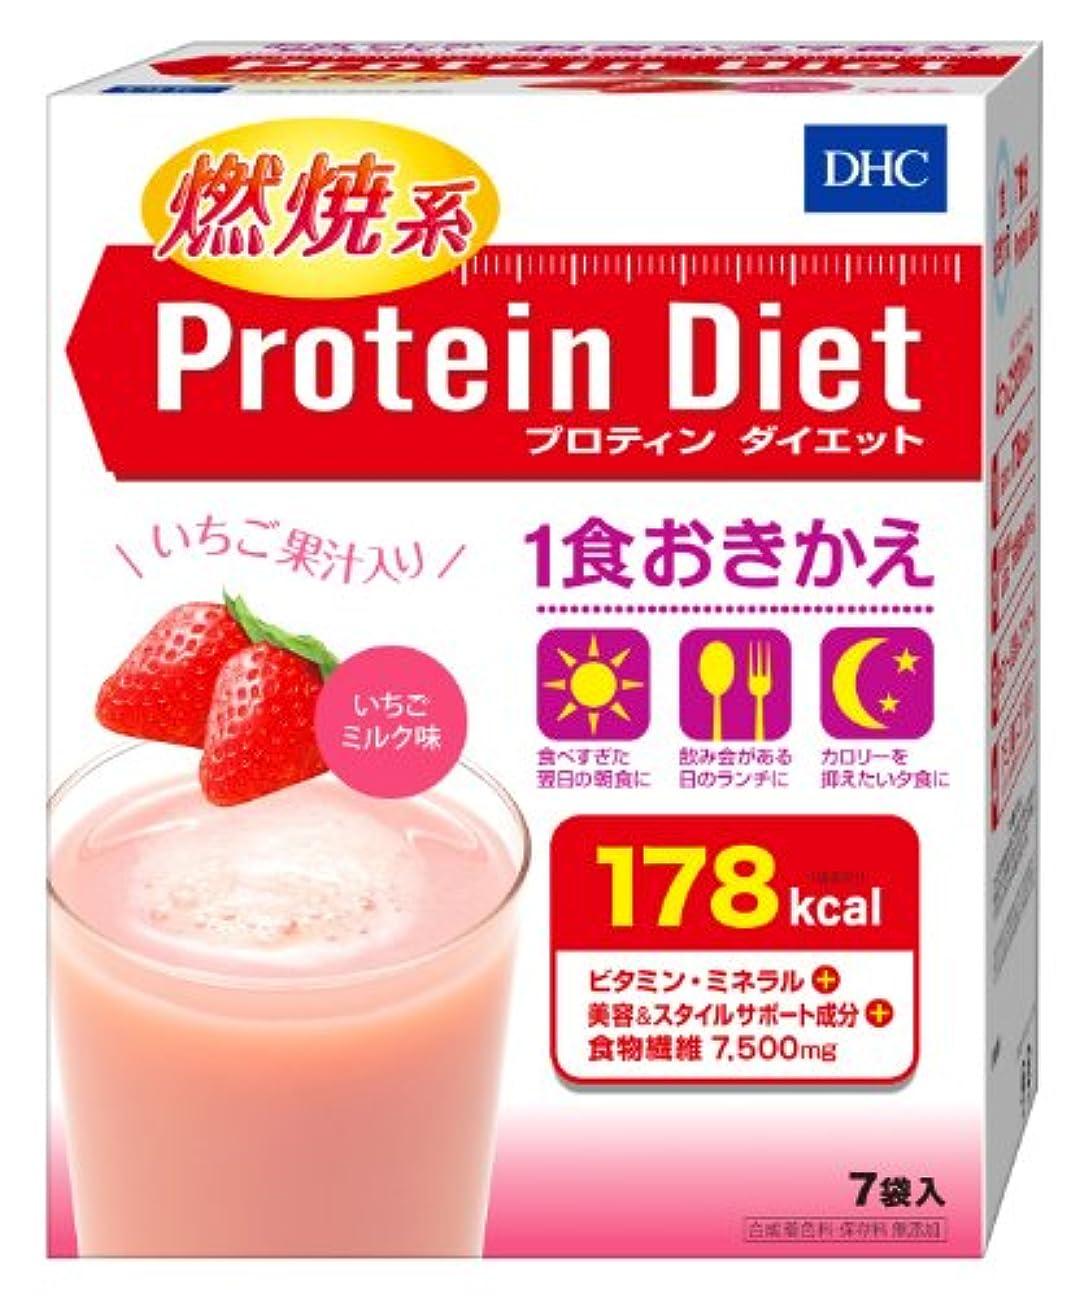 くちばしたっぷりマートDHC プロティンダイエット いちごミルク味7袋入 50g×7袋入